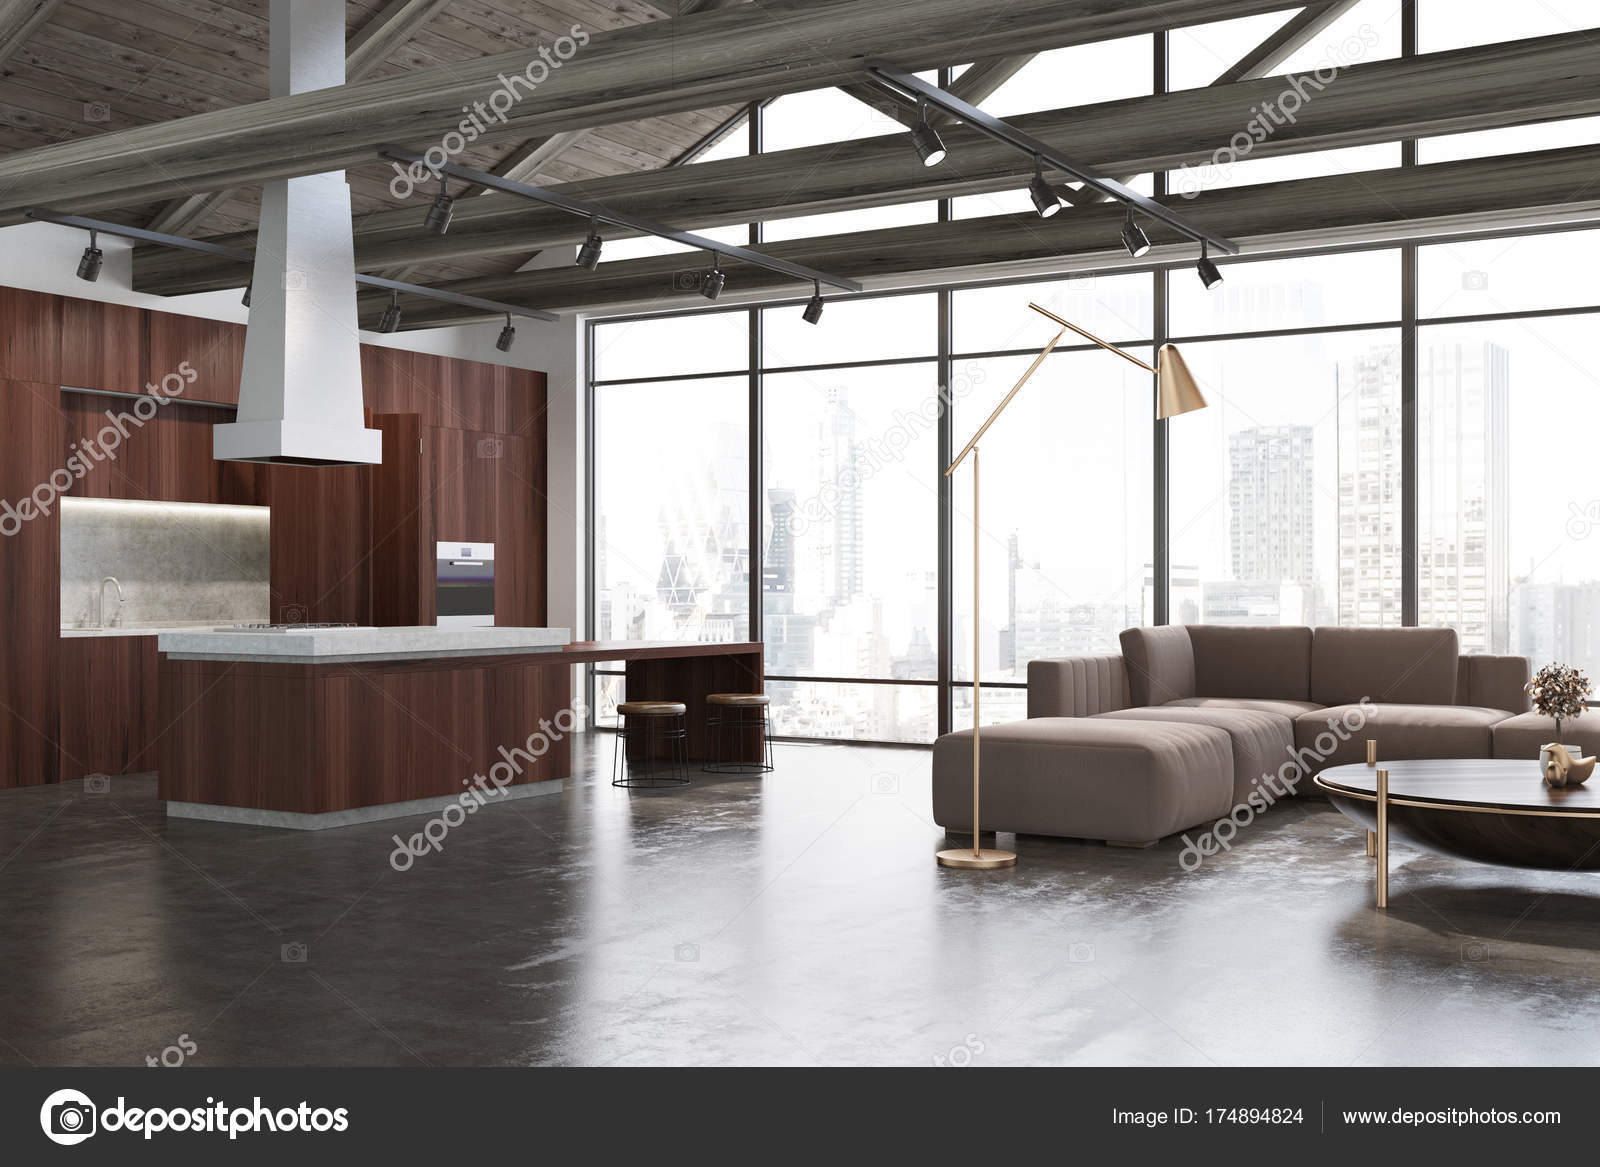 Weiß Und Holz Wohnzimmer, Beige Sofa U2014 Stockfoto